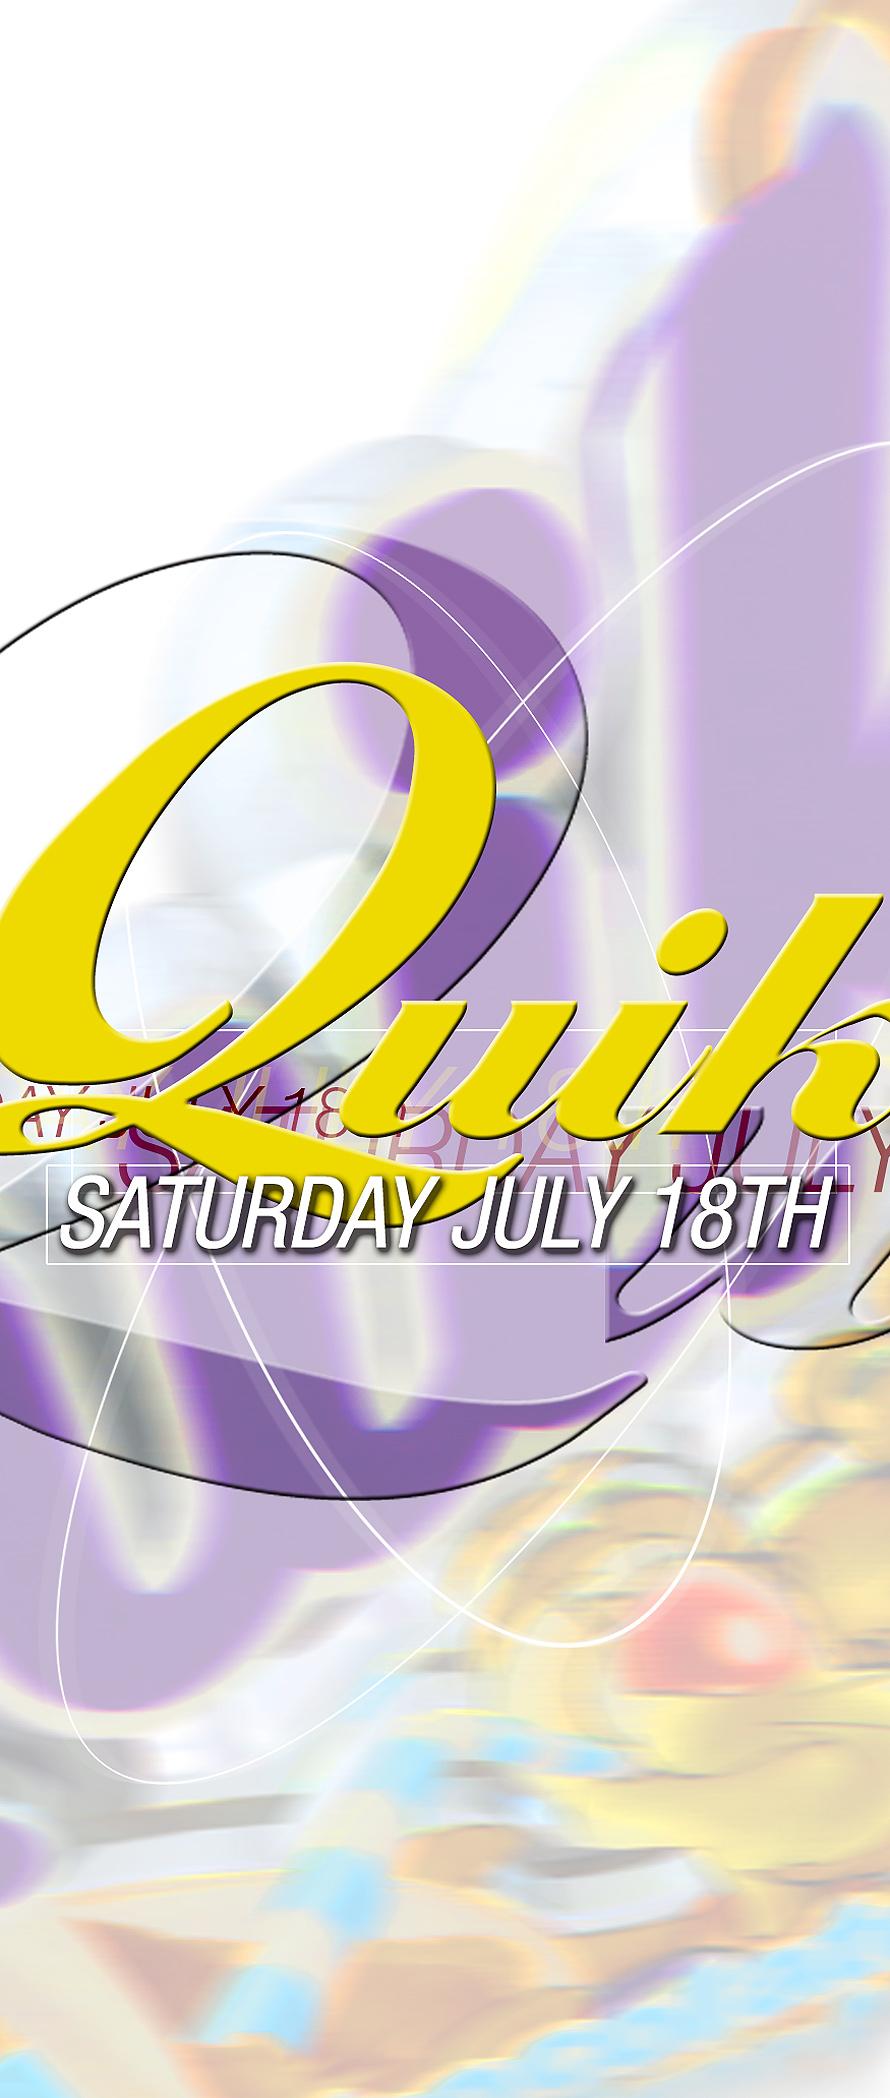 Quik Saturday Night